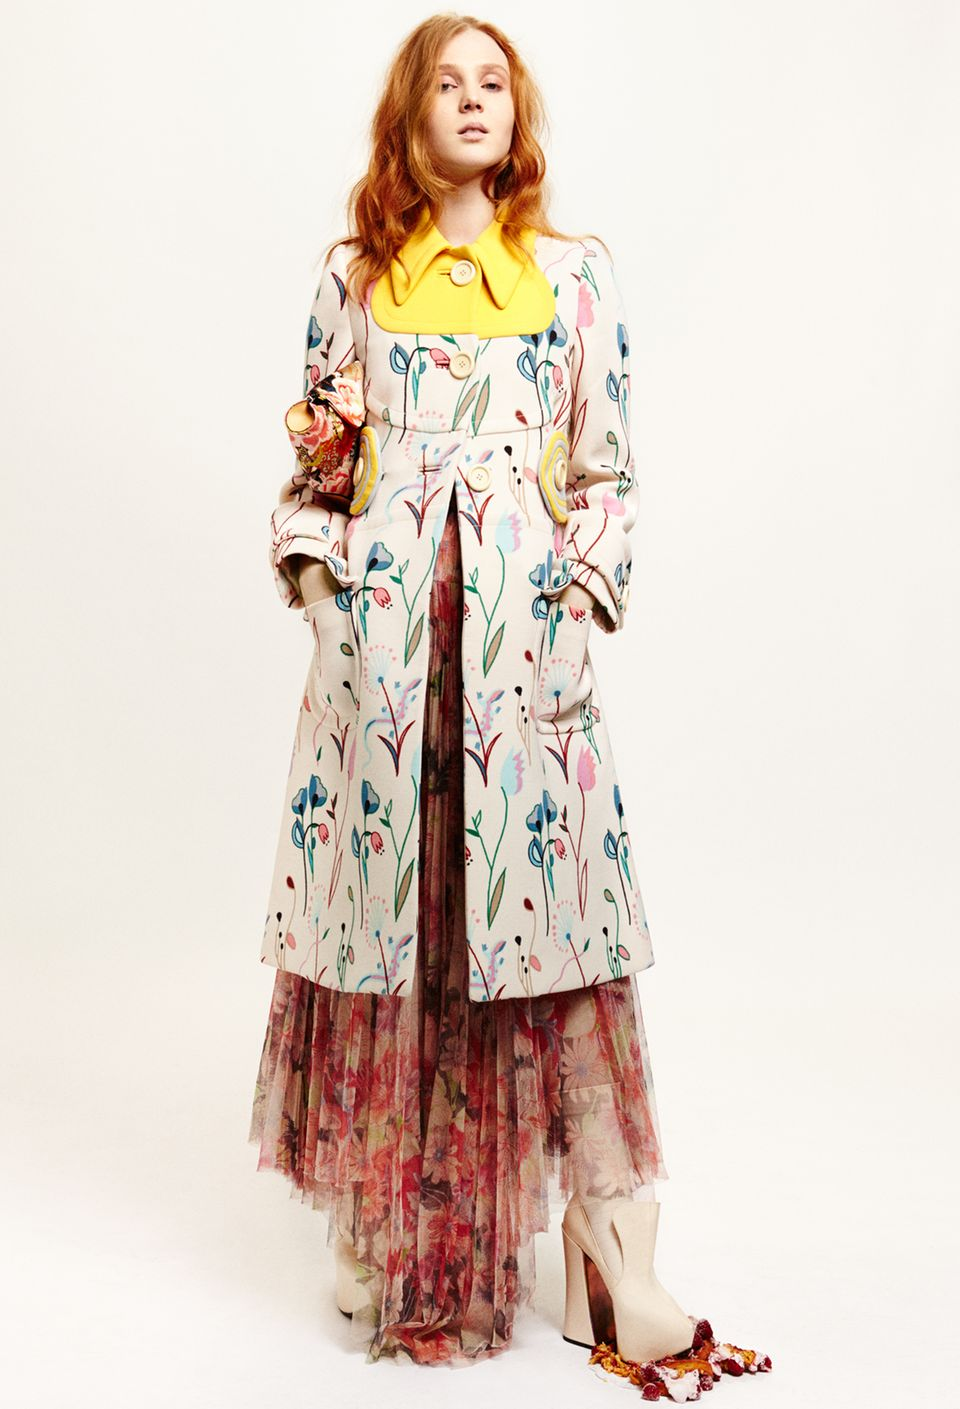 Papageientulpe    Mantel im Seventies- Look, von Miu Miu. Tüllkleid von Wunderkind. Schuhe von Vivienne Westwood. Seiden-Clutch von Alexander McQueen, über luisaviaroma.com